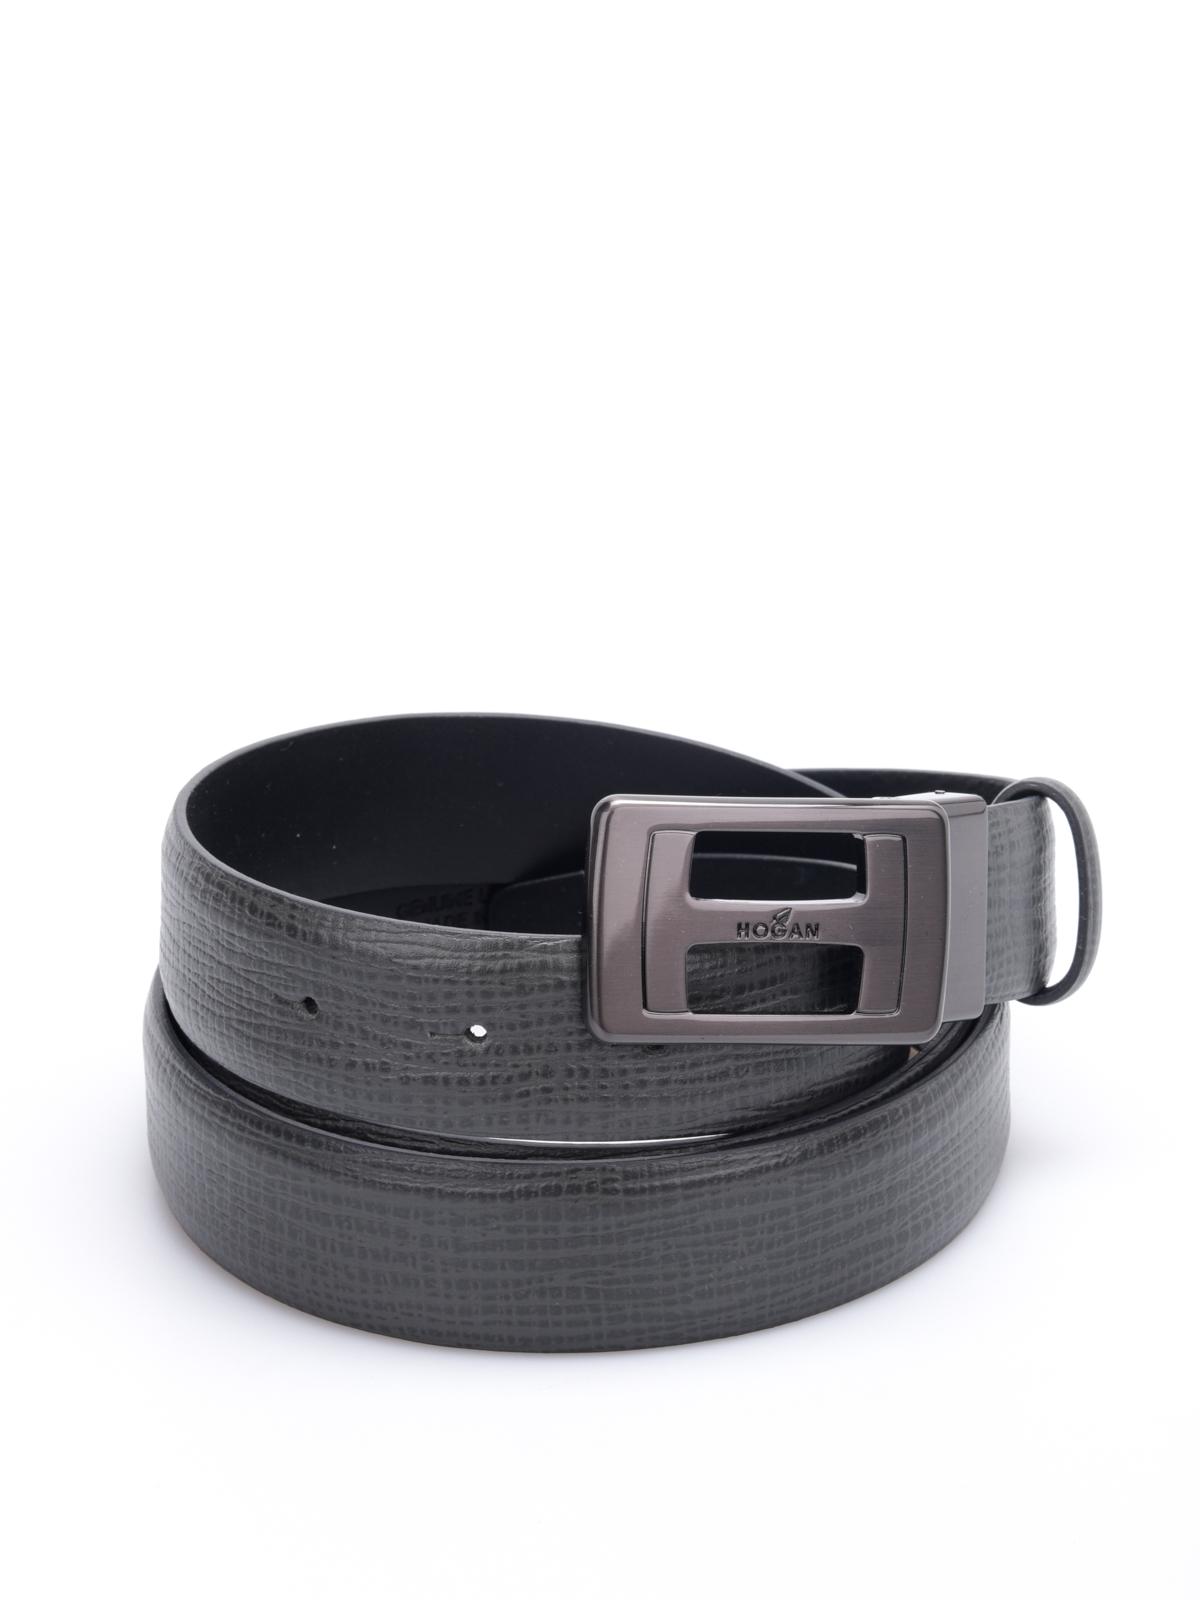 Cinture Hogan - Cintura In Pelle Fibbia Satinata - KFMC0150101A07B999